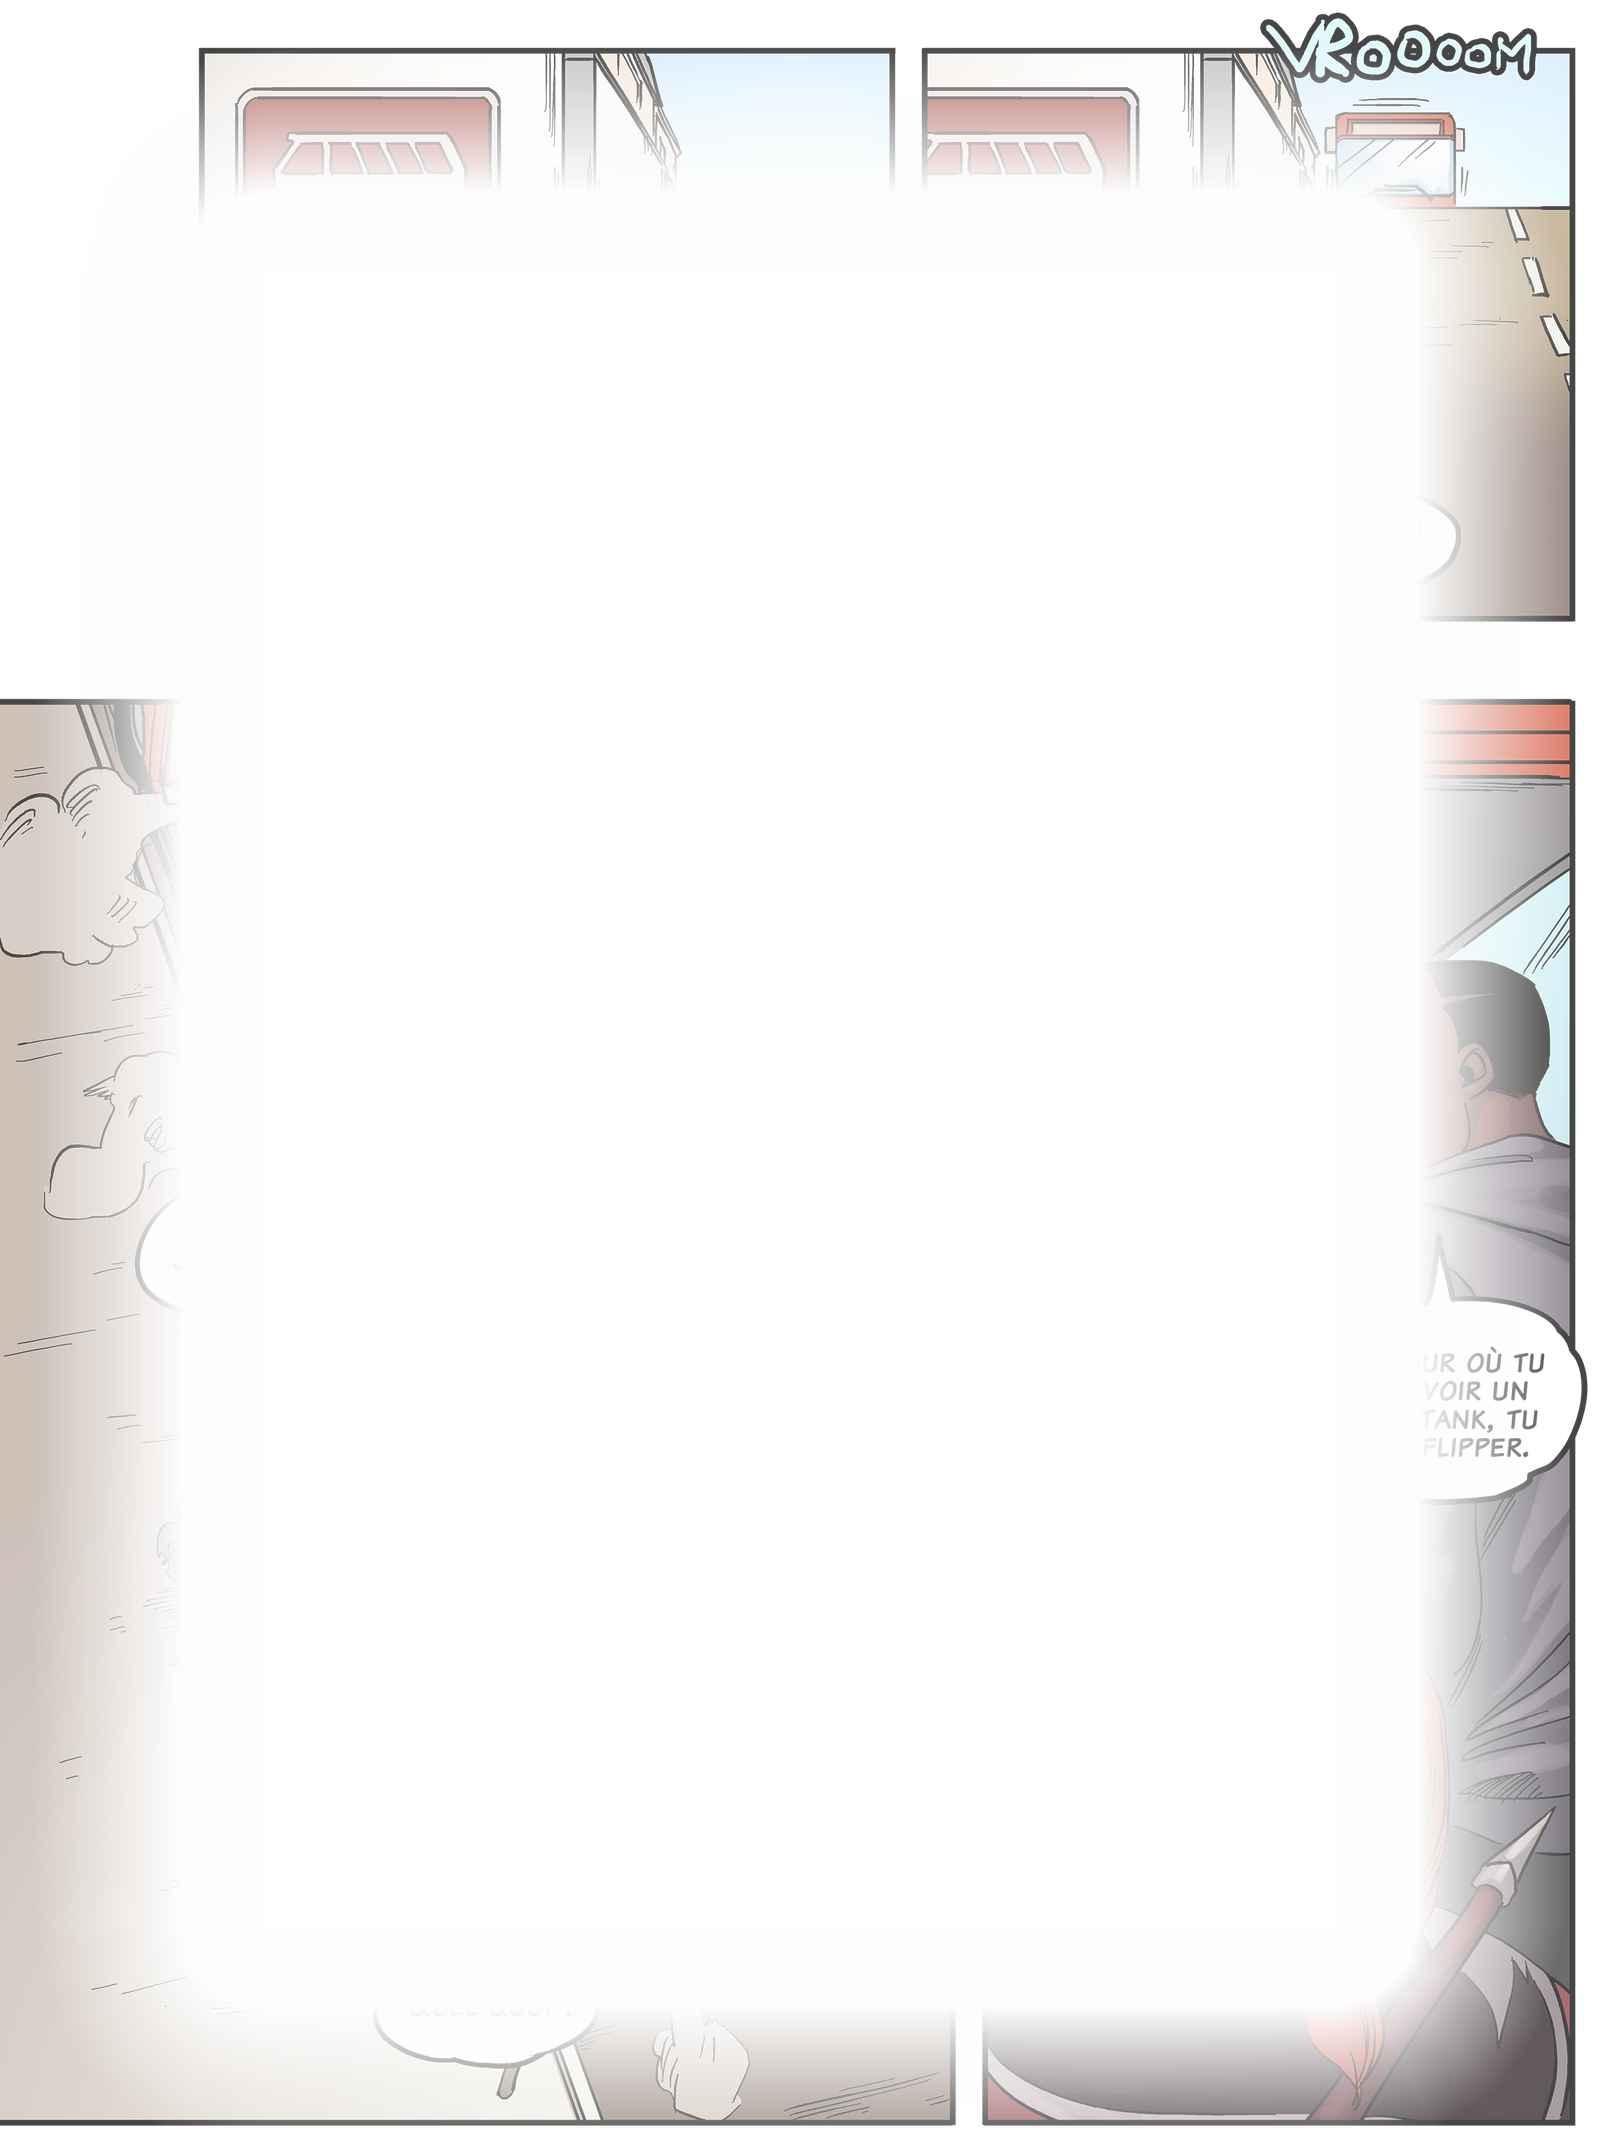 Hémisphères : Chapitre 14 page 2